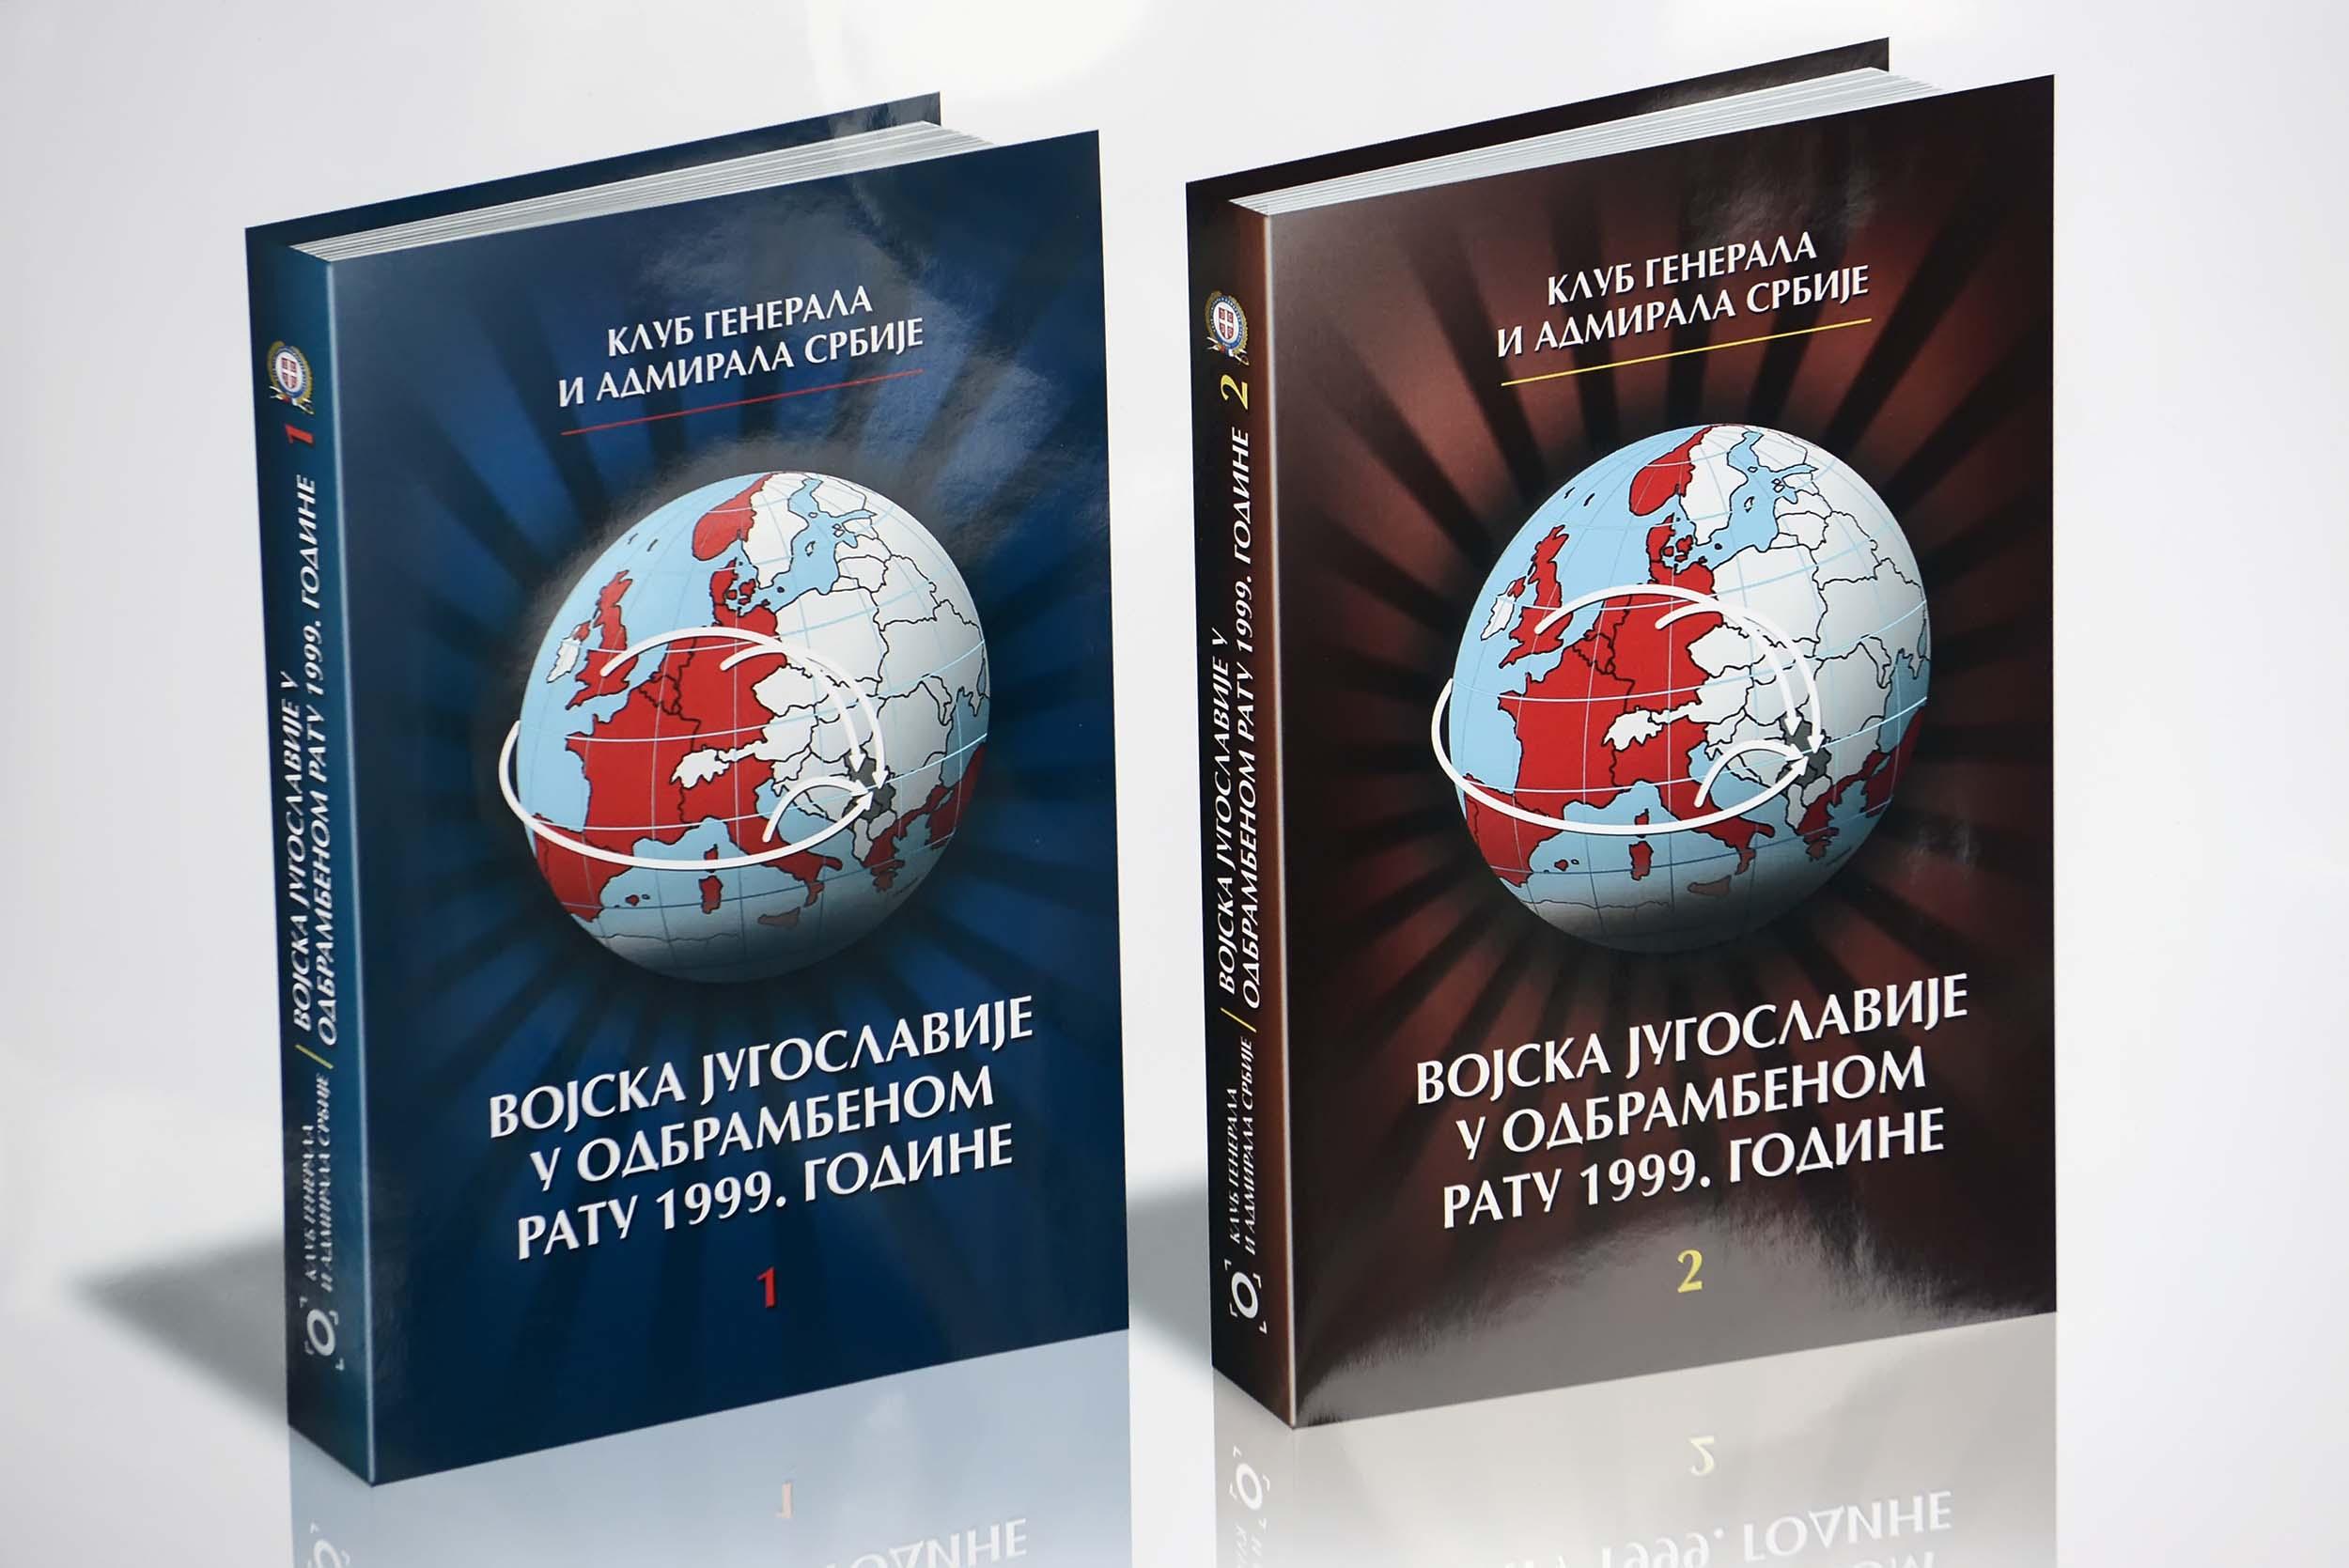 """Промоција студије """"Војска Југославије у одбрамбеном рату 1999. године"""""""